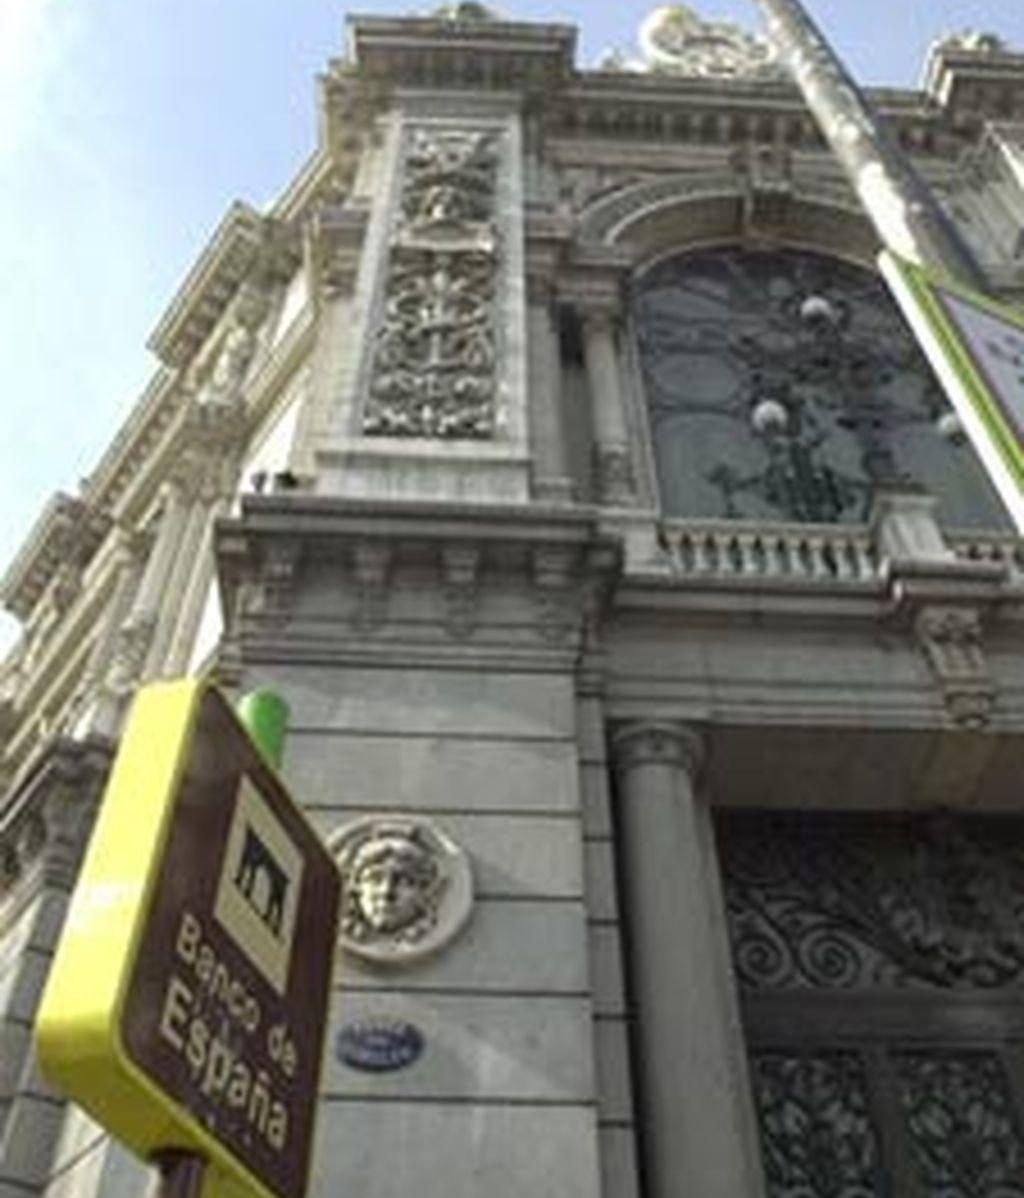 La morosidad de los bancos y cajas roza el 4% por primera vez en 12 años